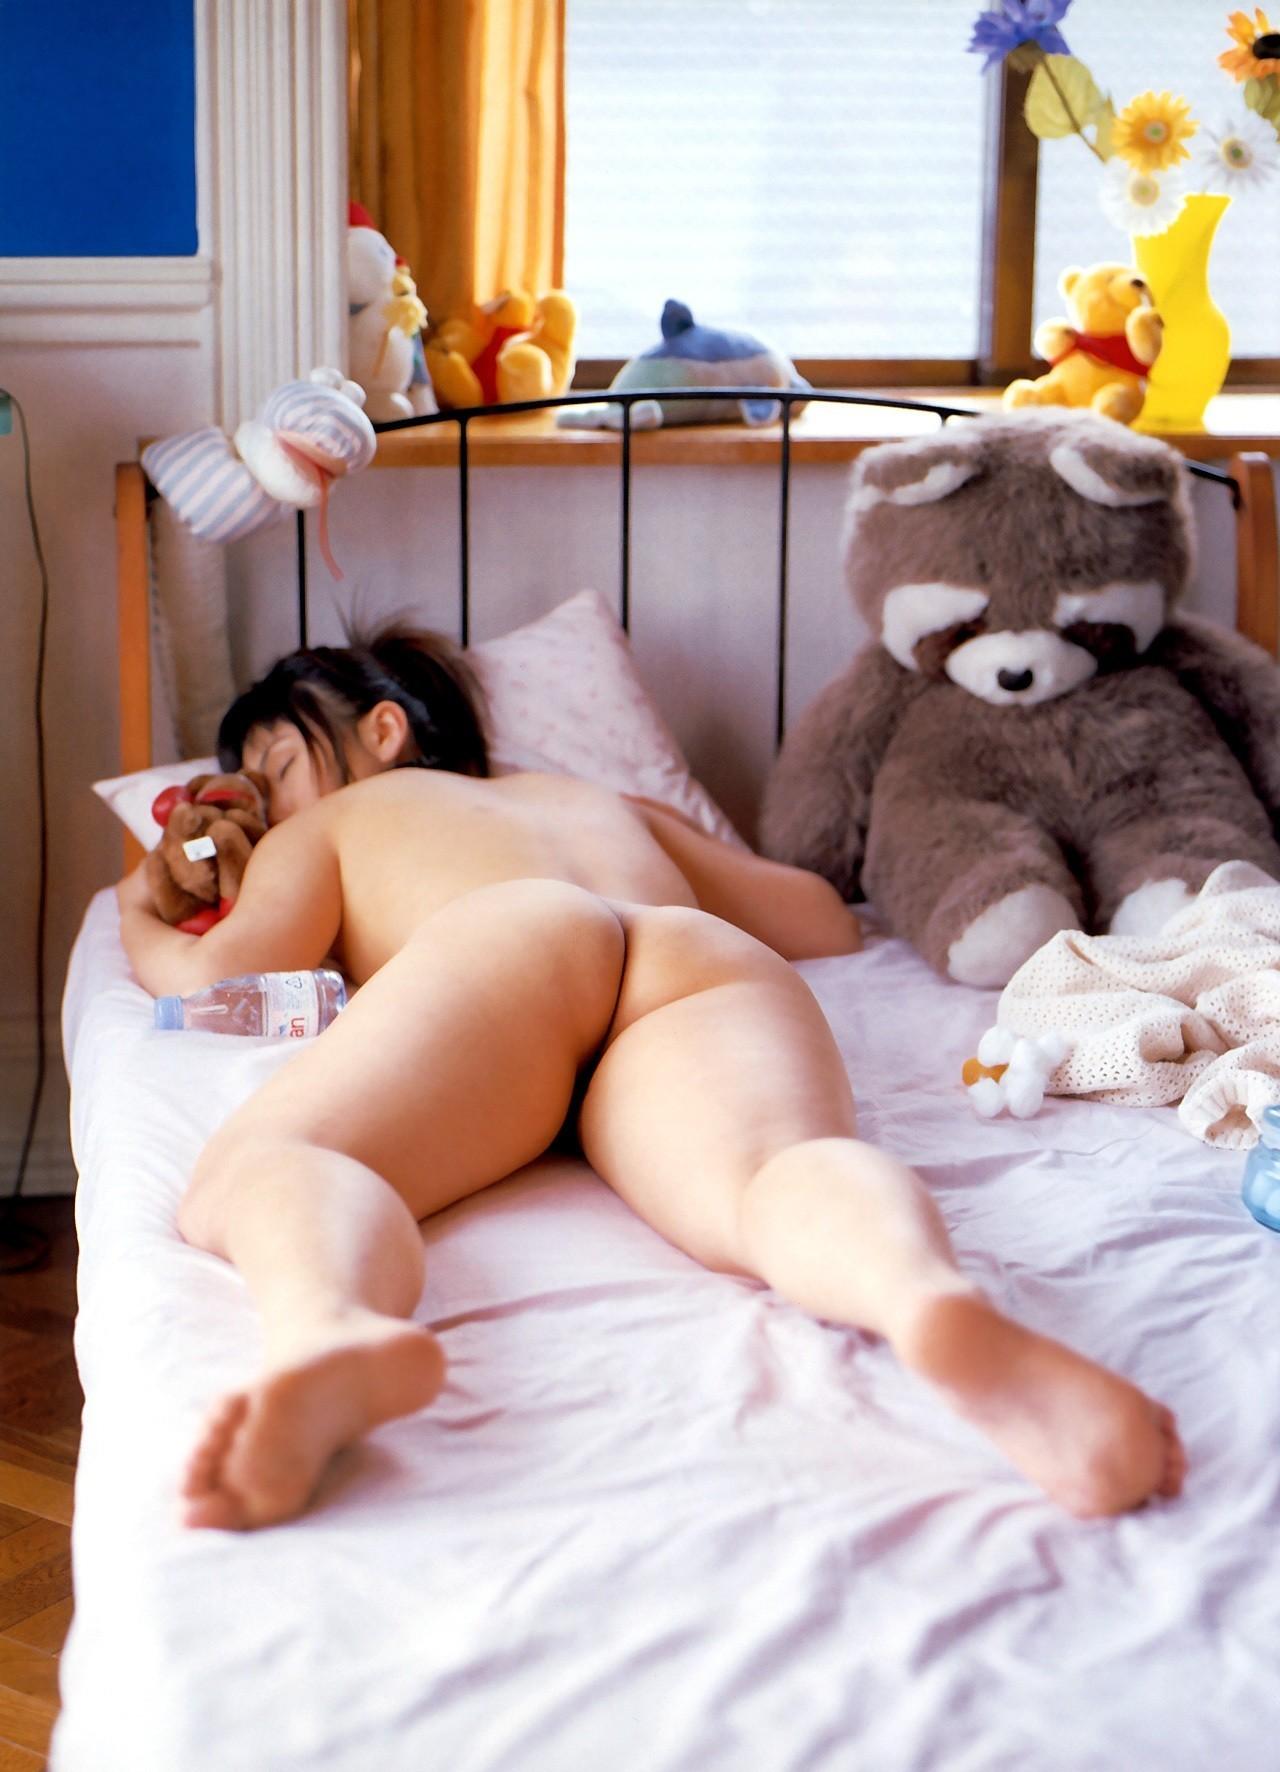 【寝姿エロ画像】風邪引く心配よりも悪戯したい…全裸で爆睡する女子www 12